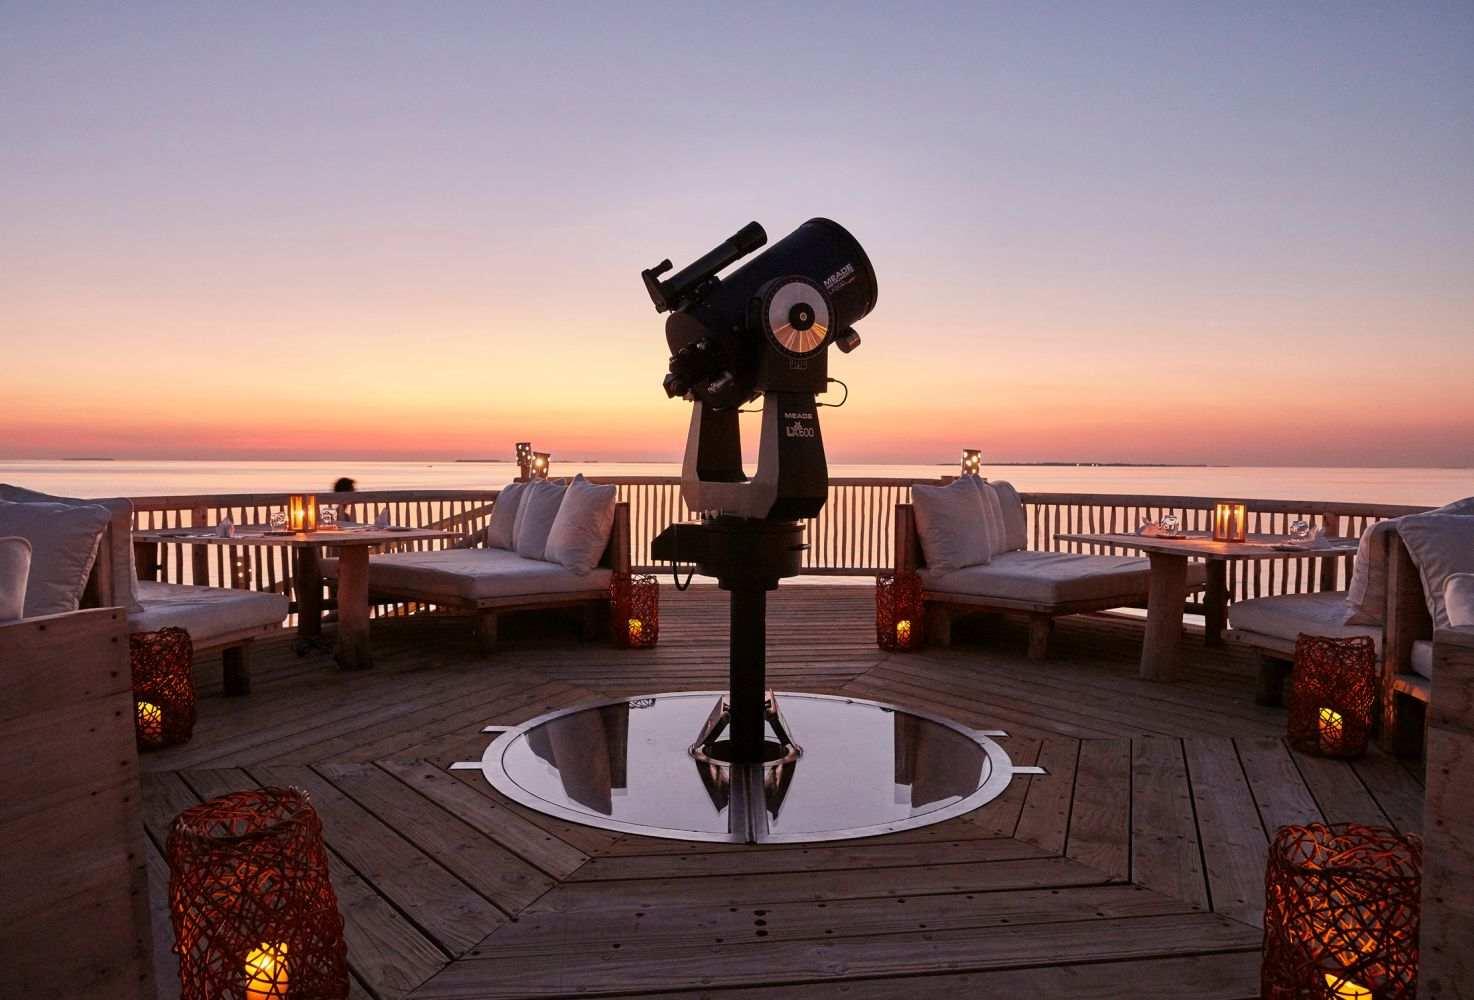 У вас будет возможность взглянуть на небо и звезды в другой половине планеты, ведь на острове расположена первая надводная обсерватория на Мальдивах.